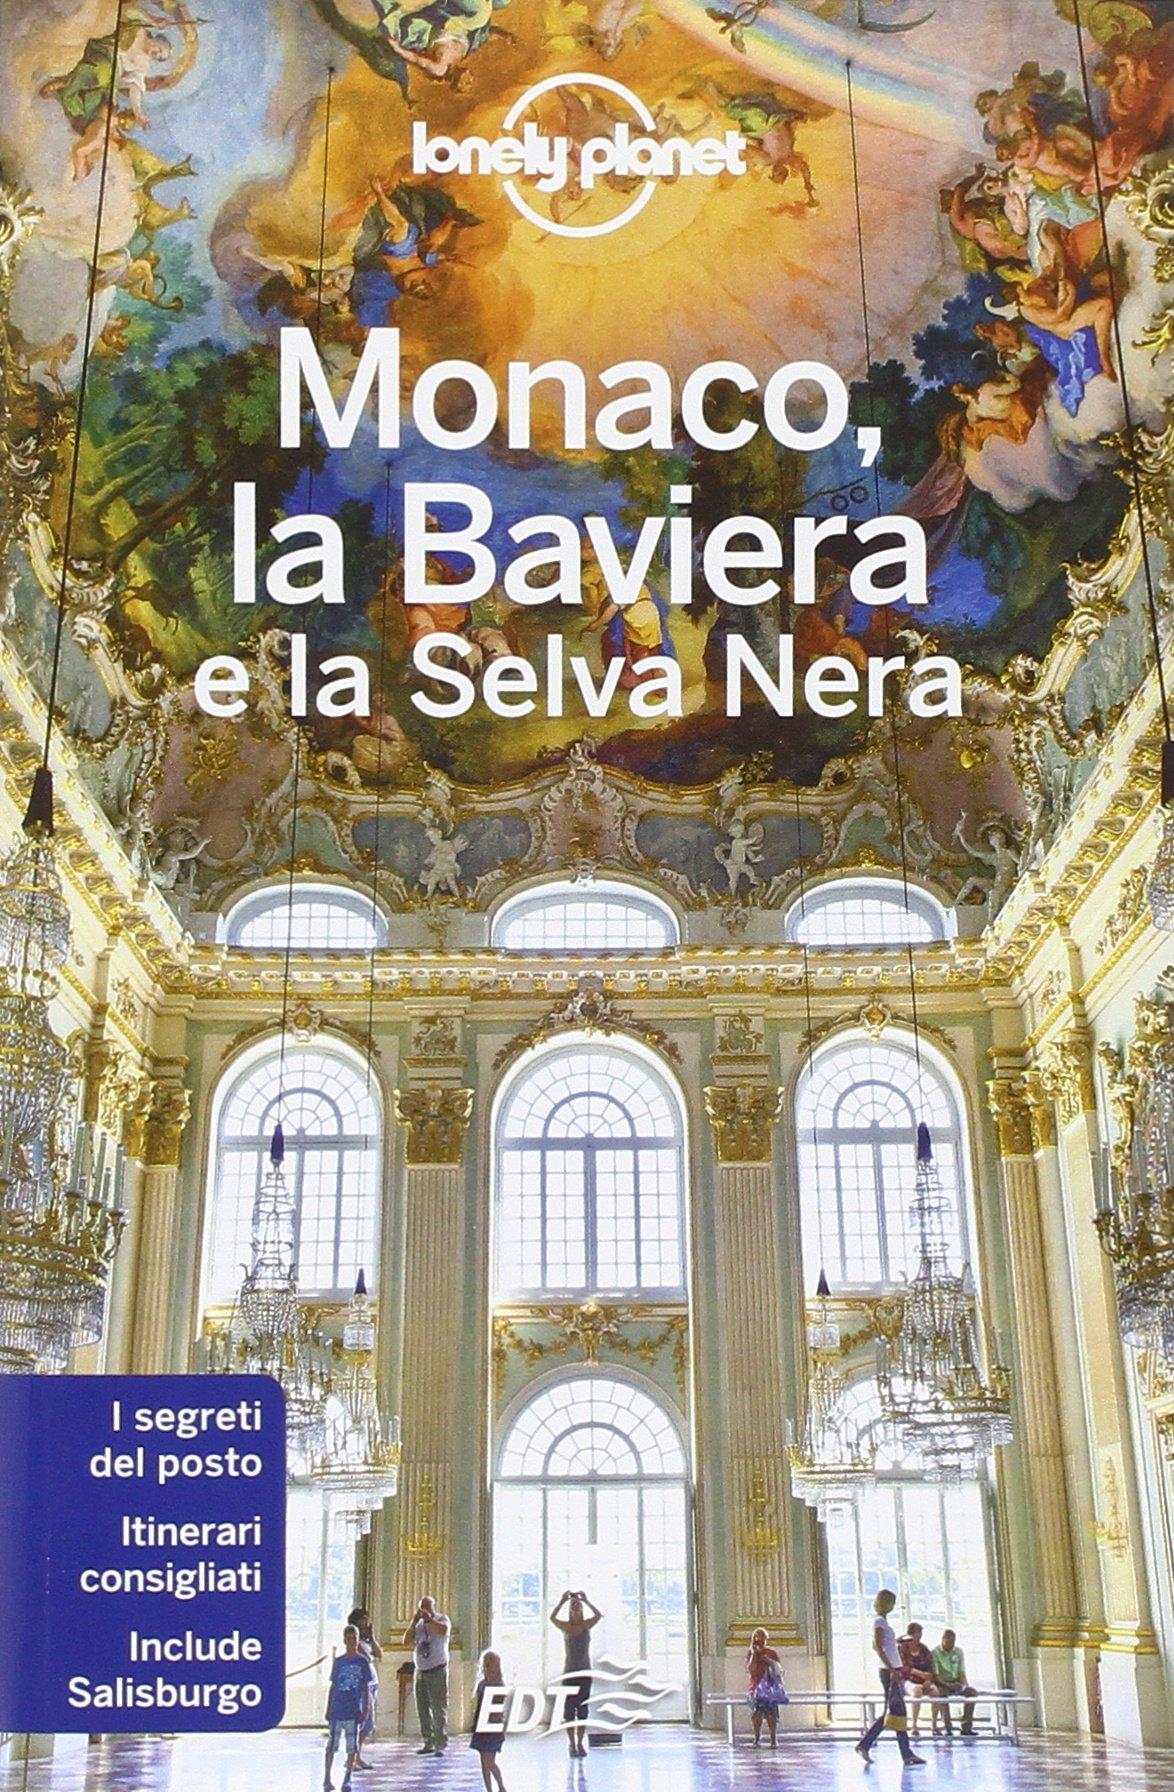 Monaco, la Baviera e la Selva Nera Copertina flessibile – 14 lug 2016 Kerry Christiani Marc Di Duca EDT 8859226236